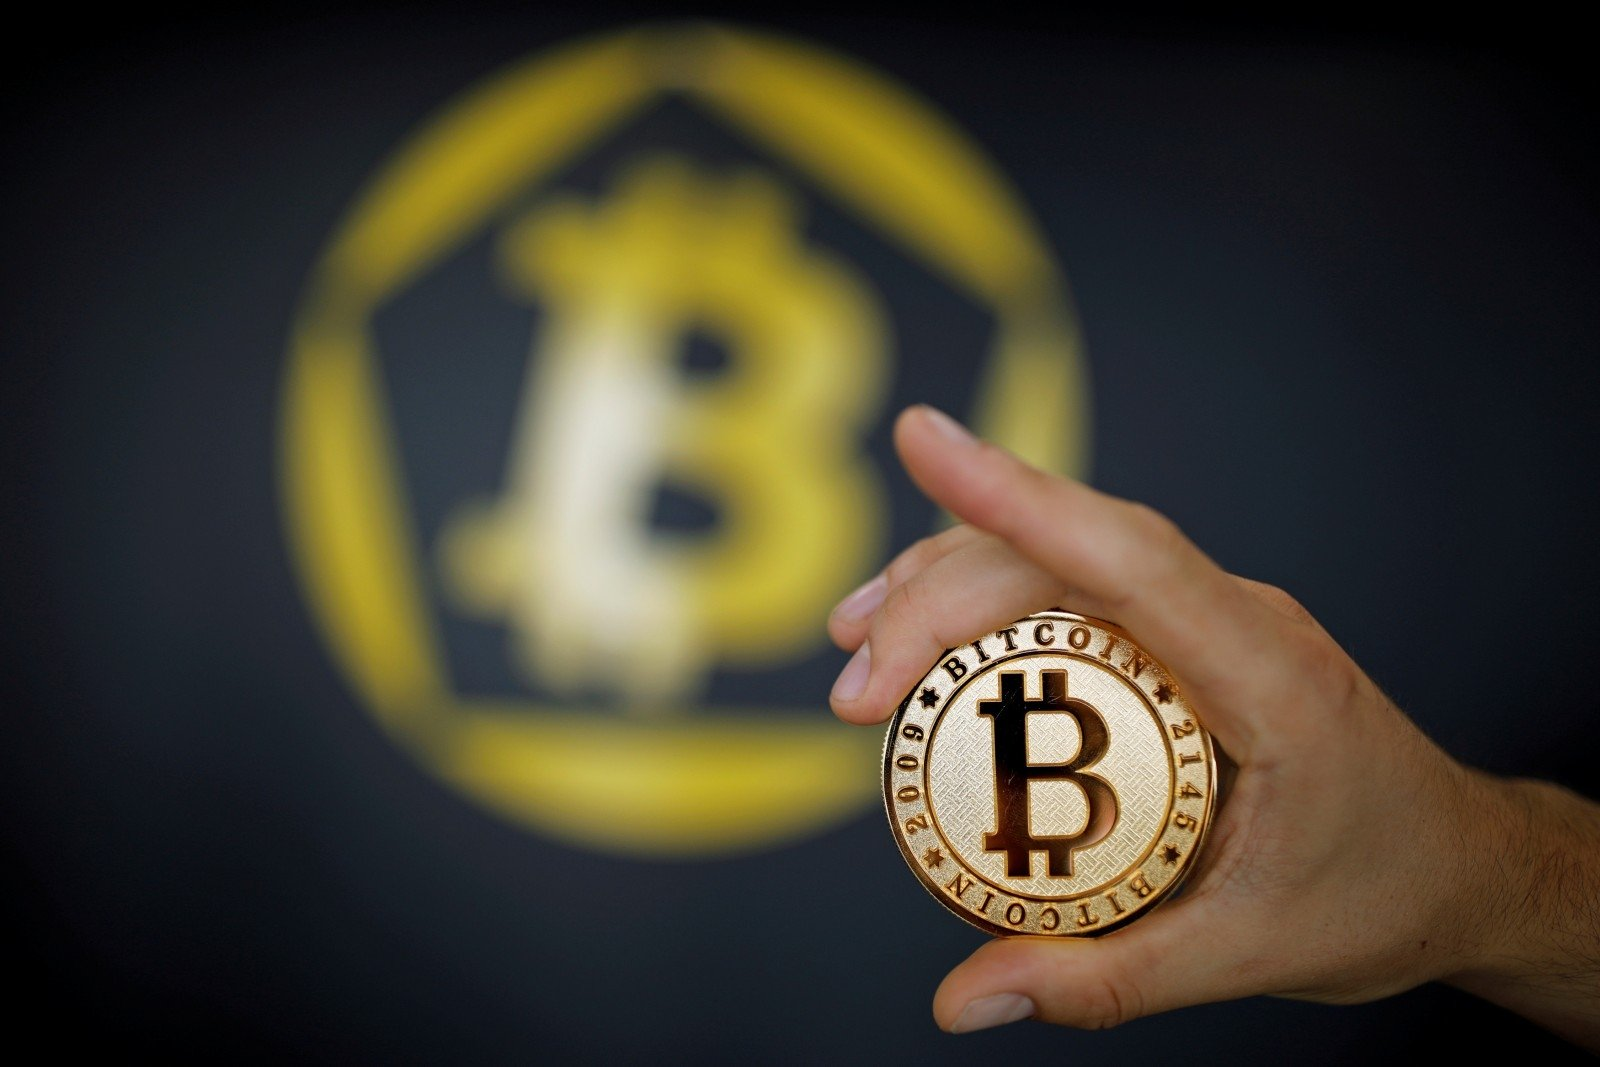 prieš bitkoiną